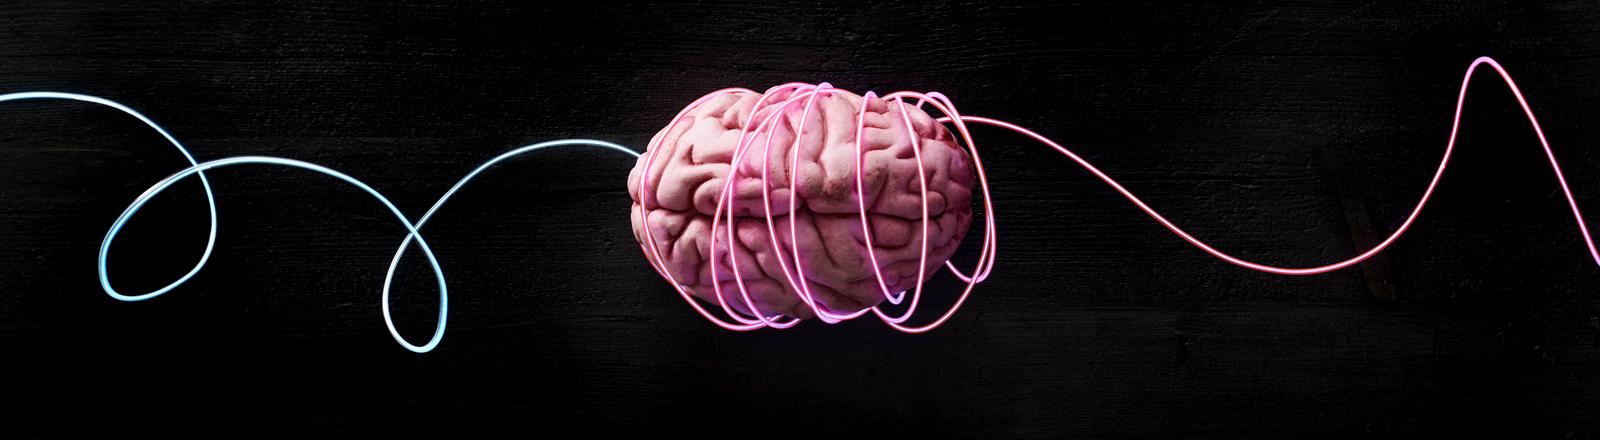 Gehirn, Symbolbild für Lernen von Bewegungsabläufen